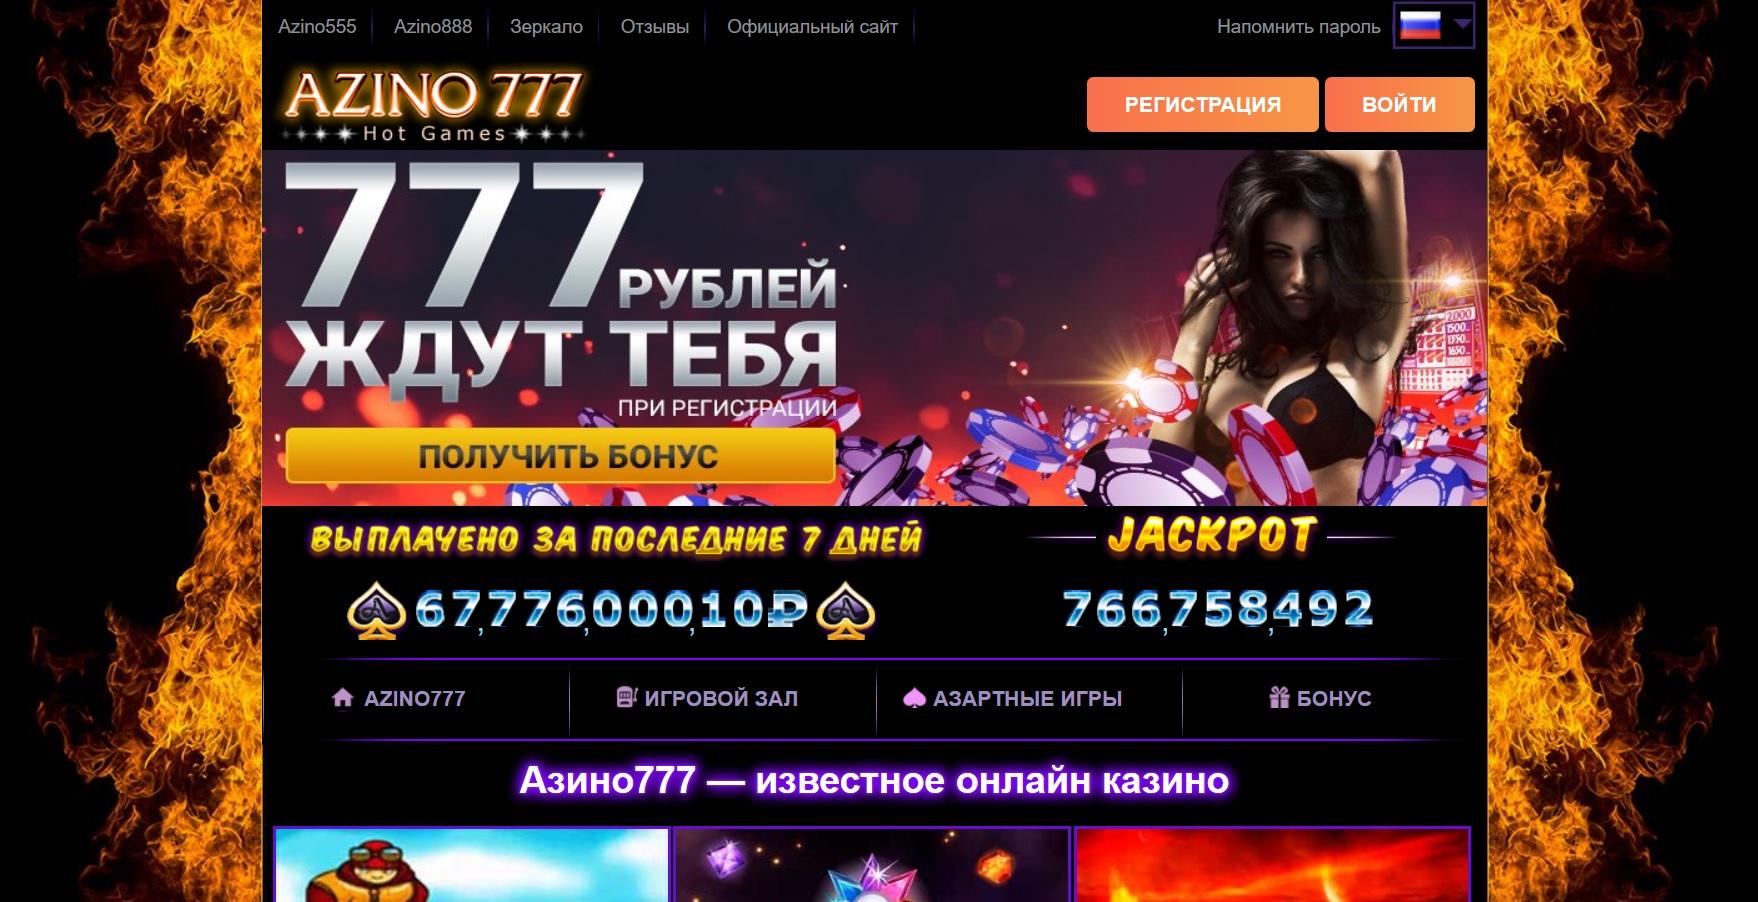 azino555 com